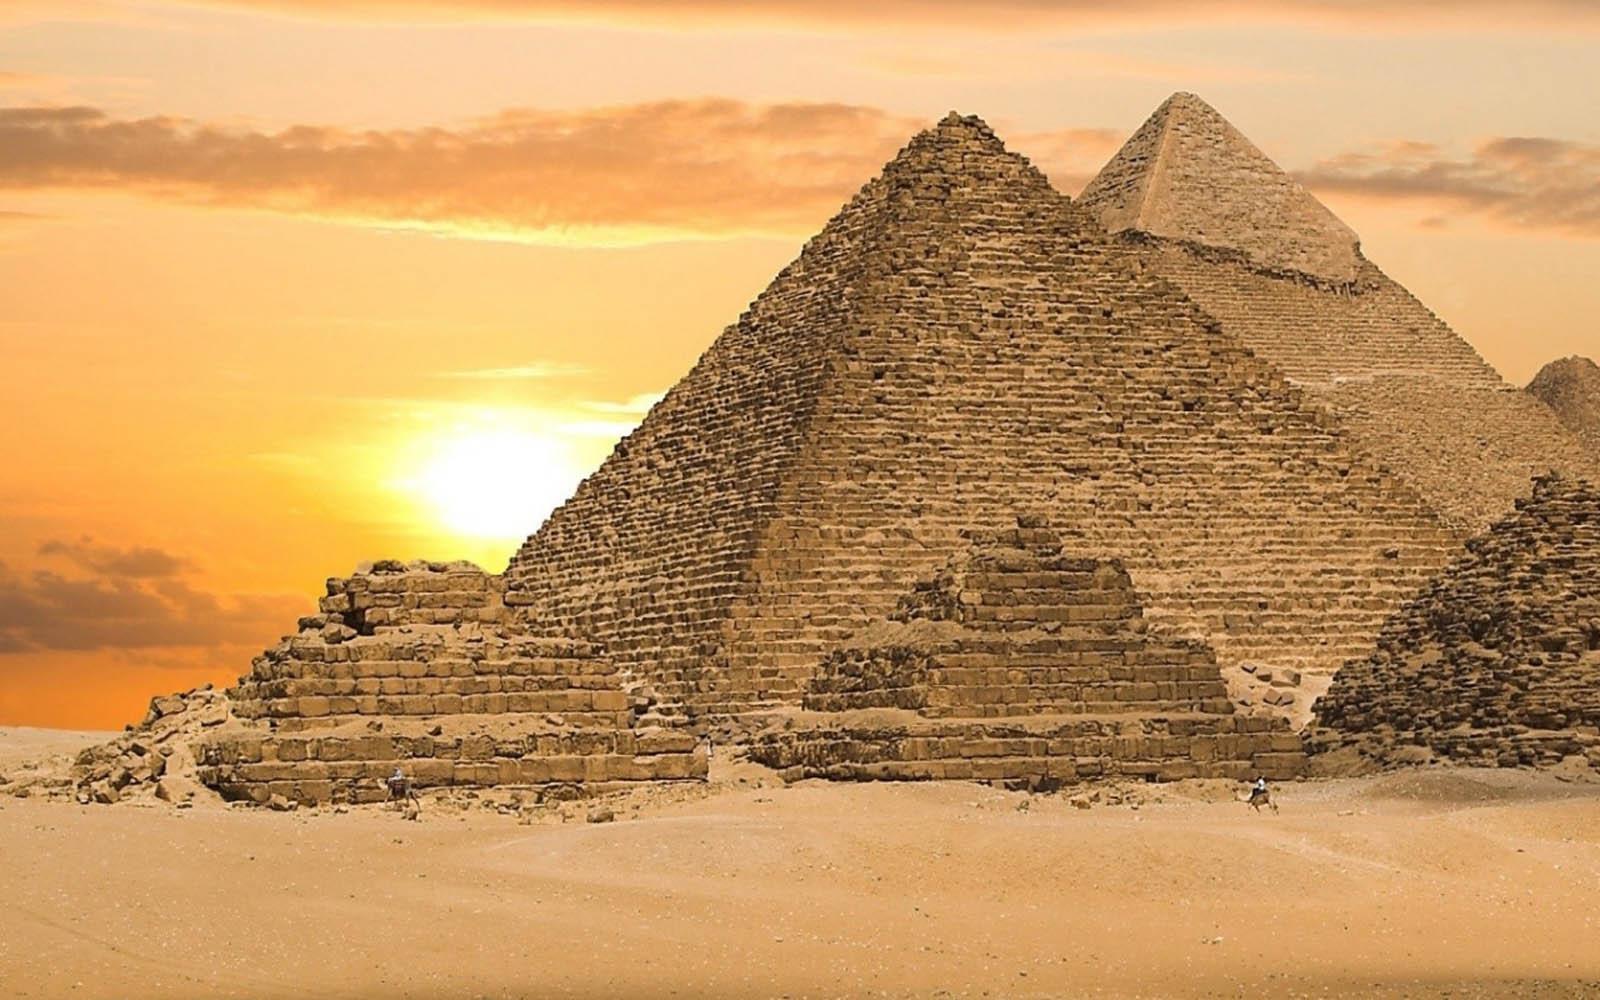 можете что я вижу на картинке пирамида фараон жизни джоан